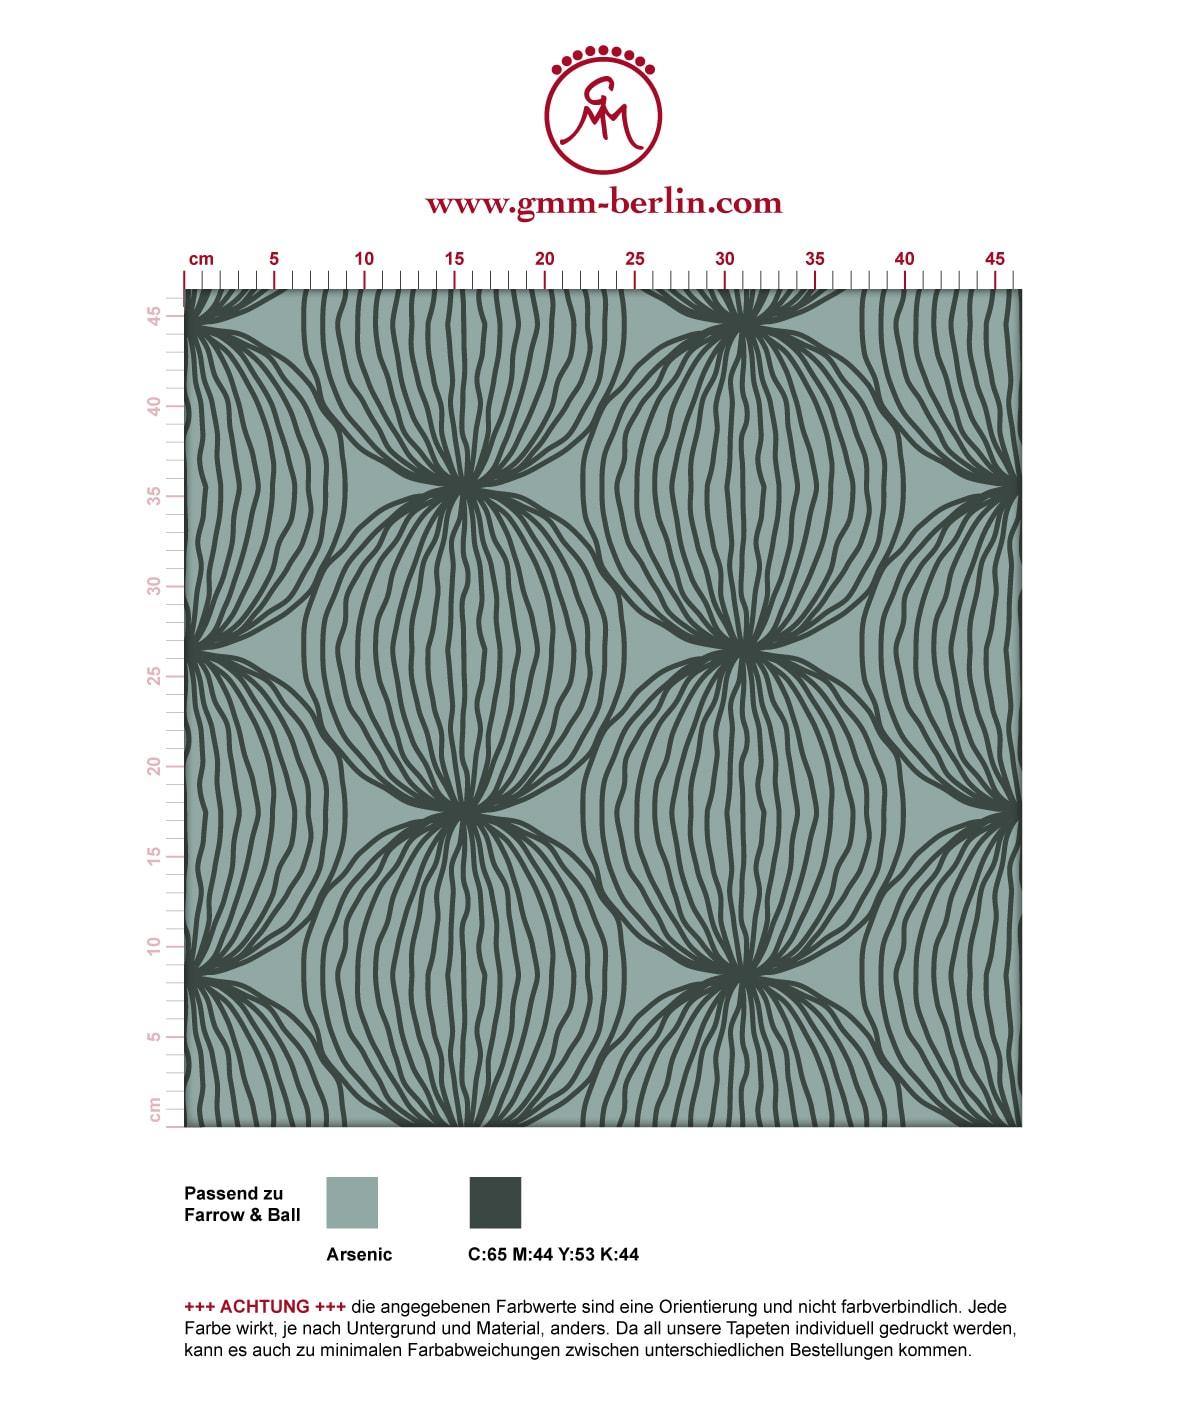 """Grüne moderne Designer Tapete """"Grafic Pompoms"""" mit Kreis Kugel Motiv angepasst an Farrow and Ball Wandfarben 3"""